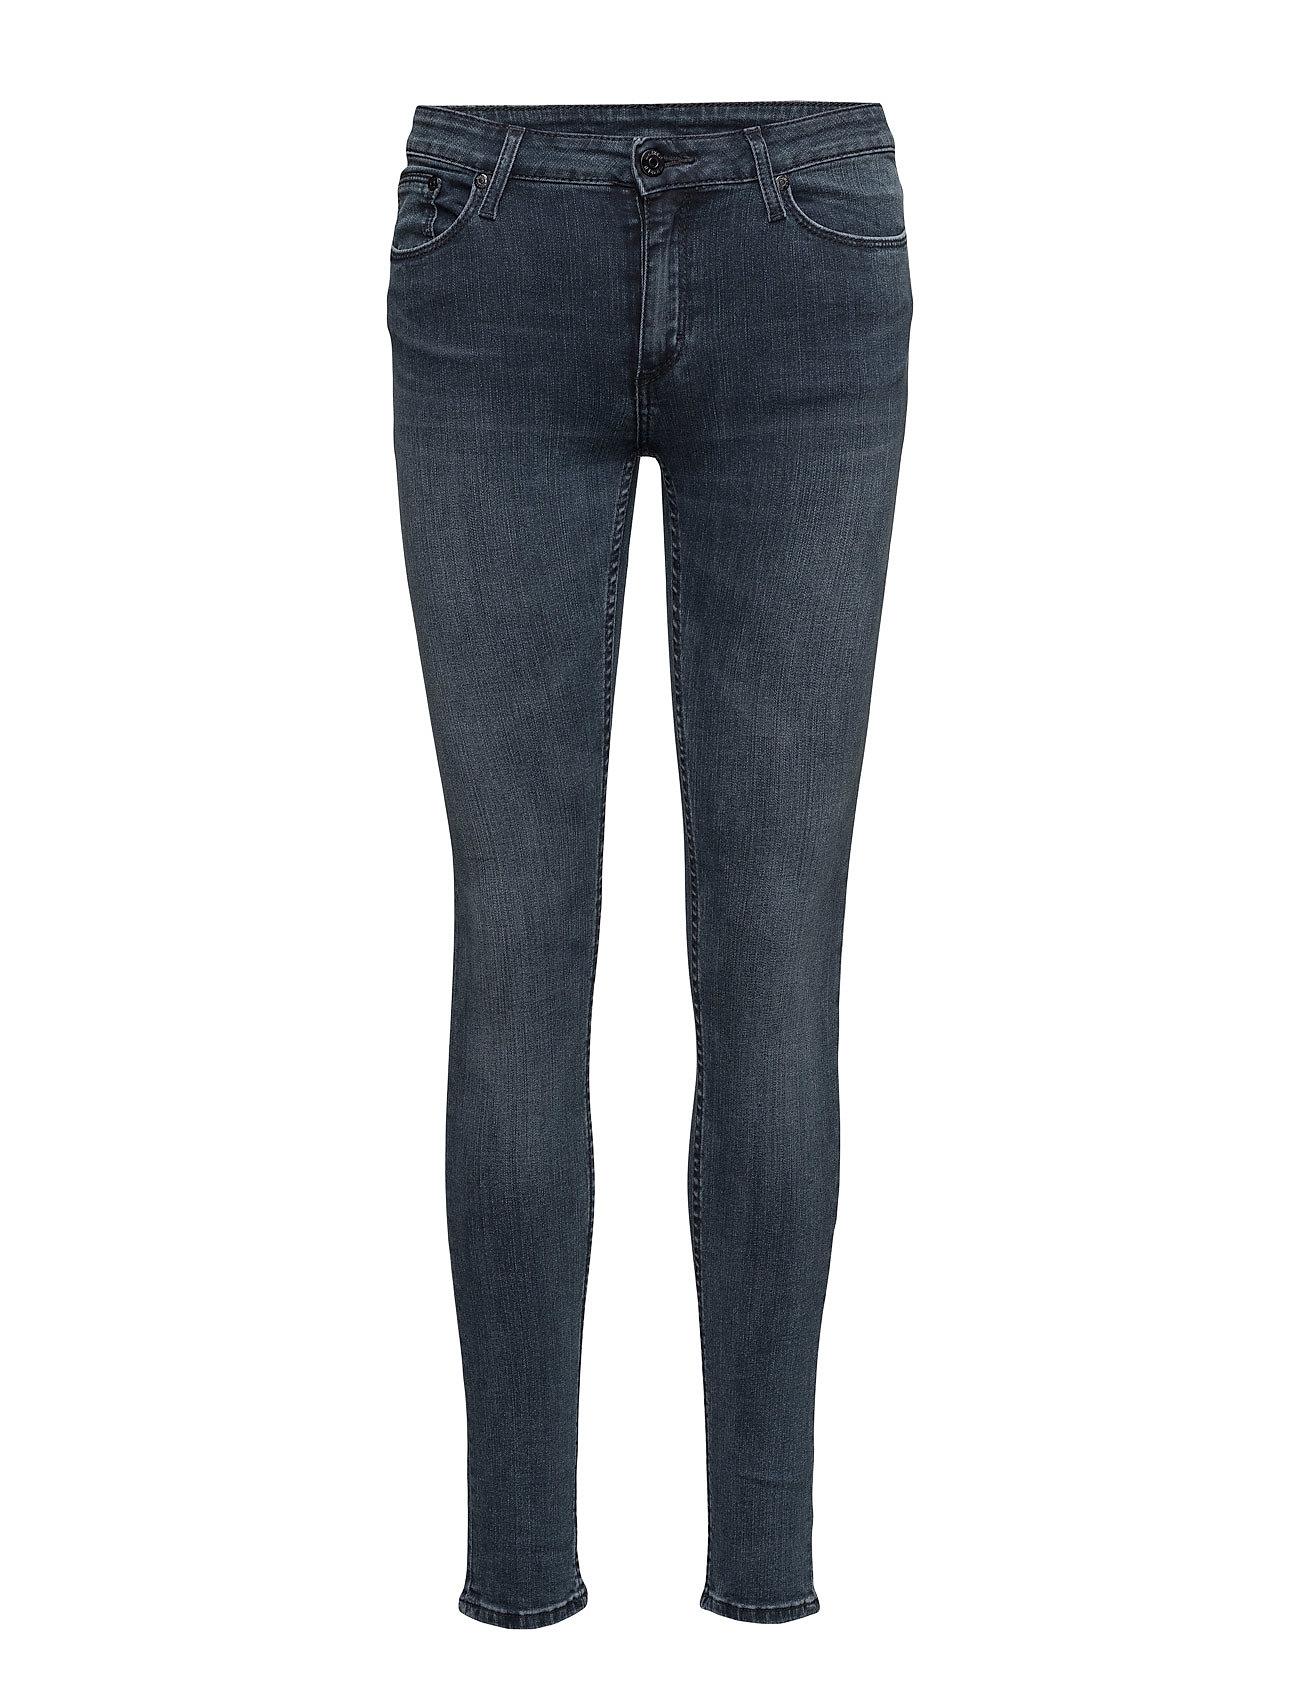 Eye Blue/Black Whyred Jeans til Kvinder i